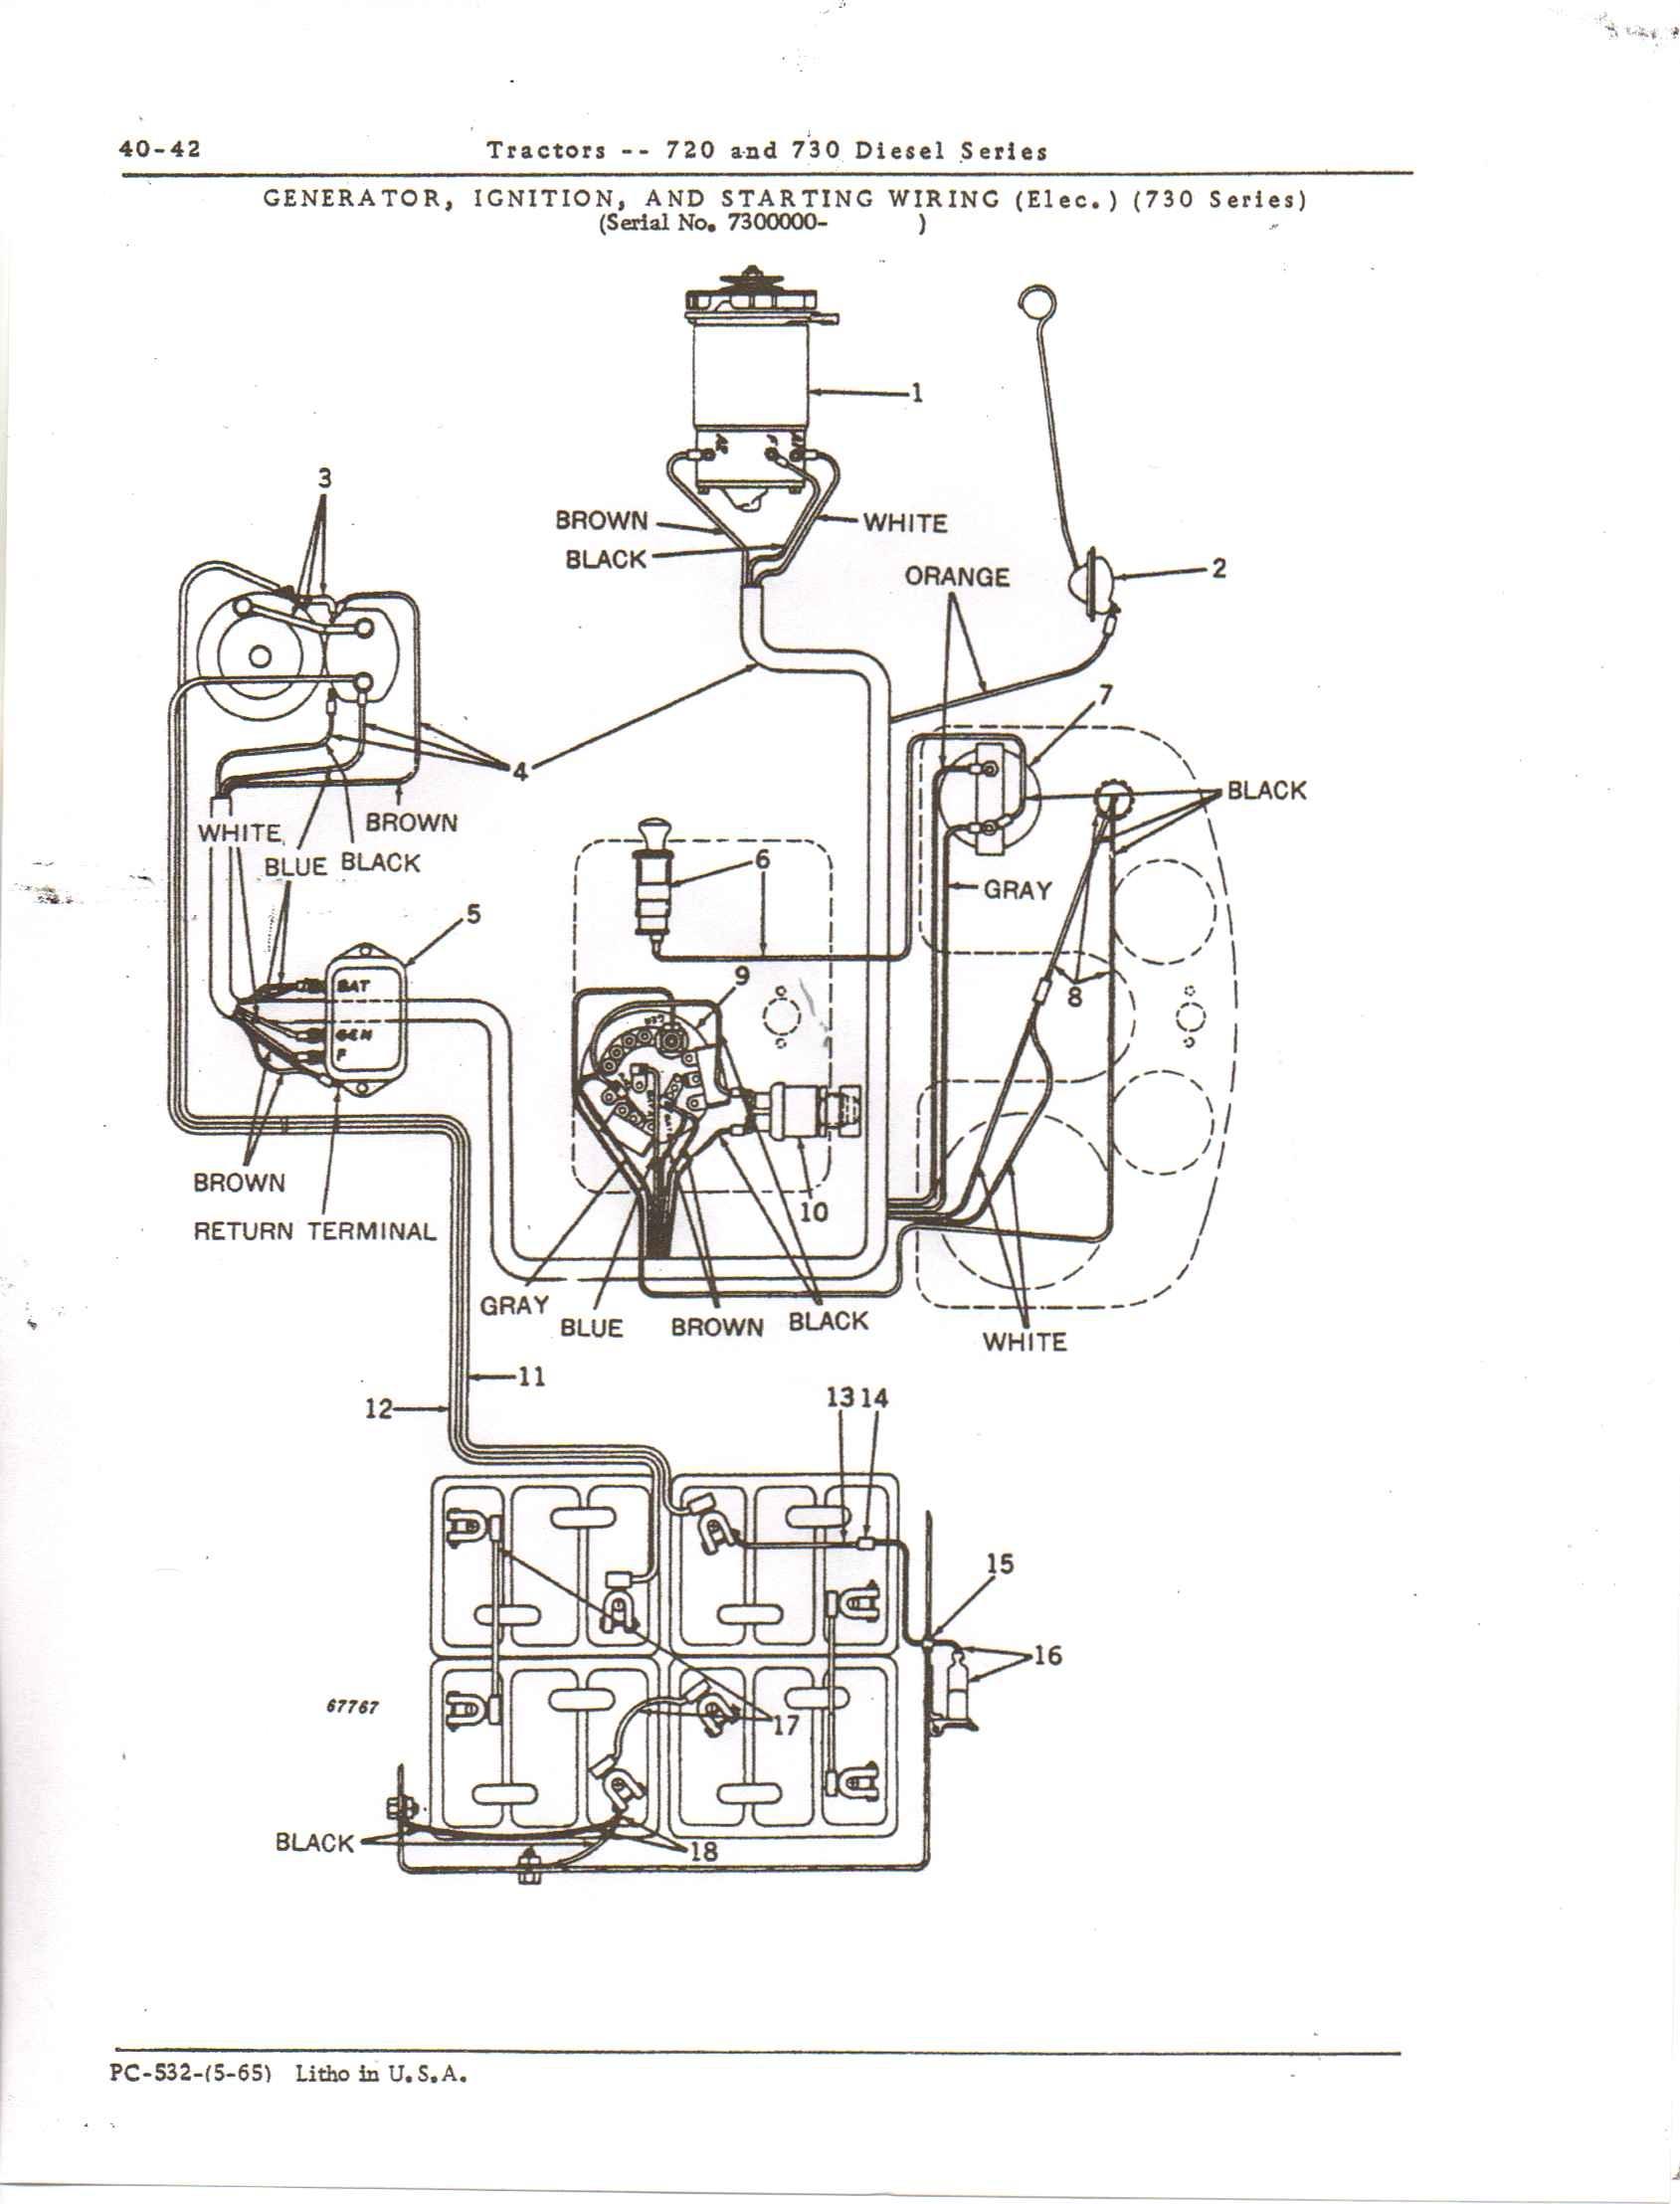 John Deere 850 Wiring Schematic